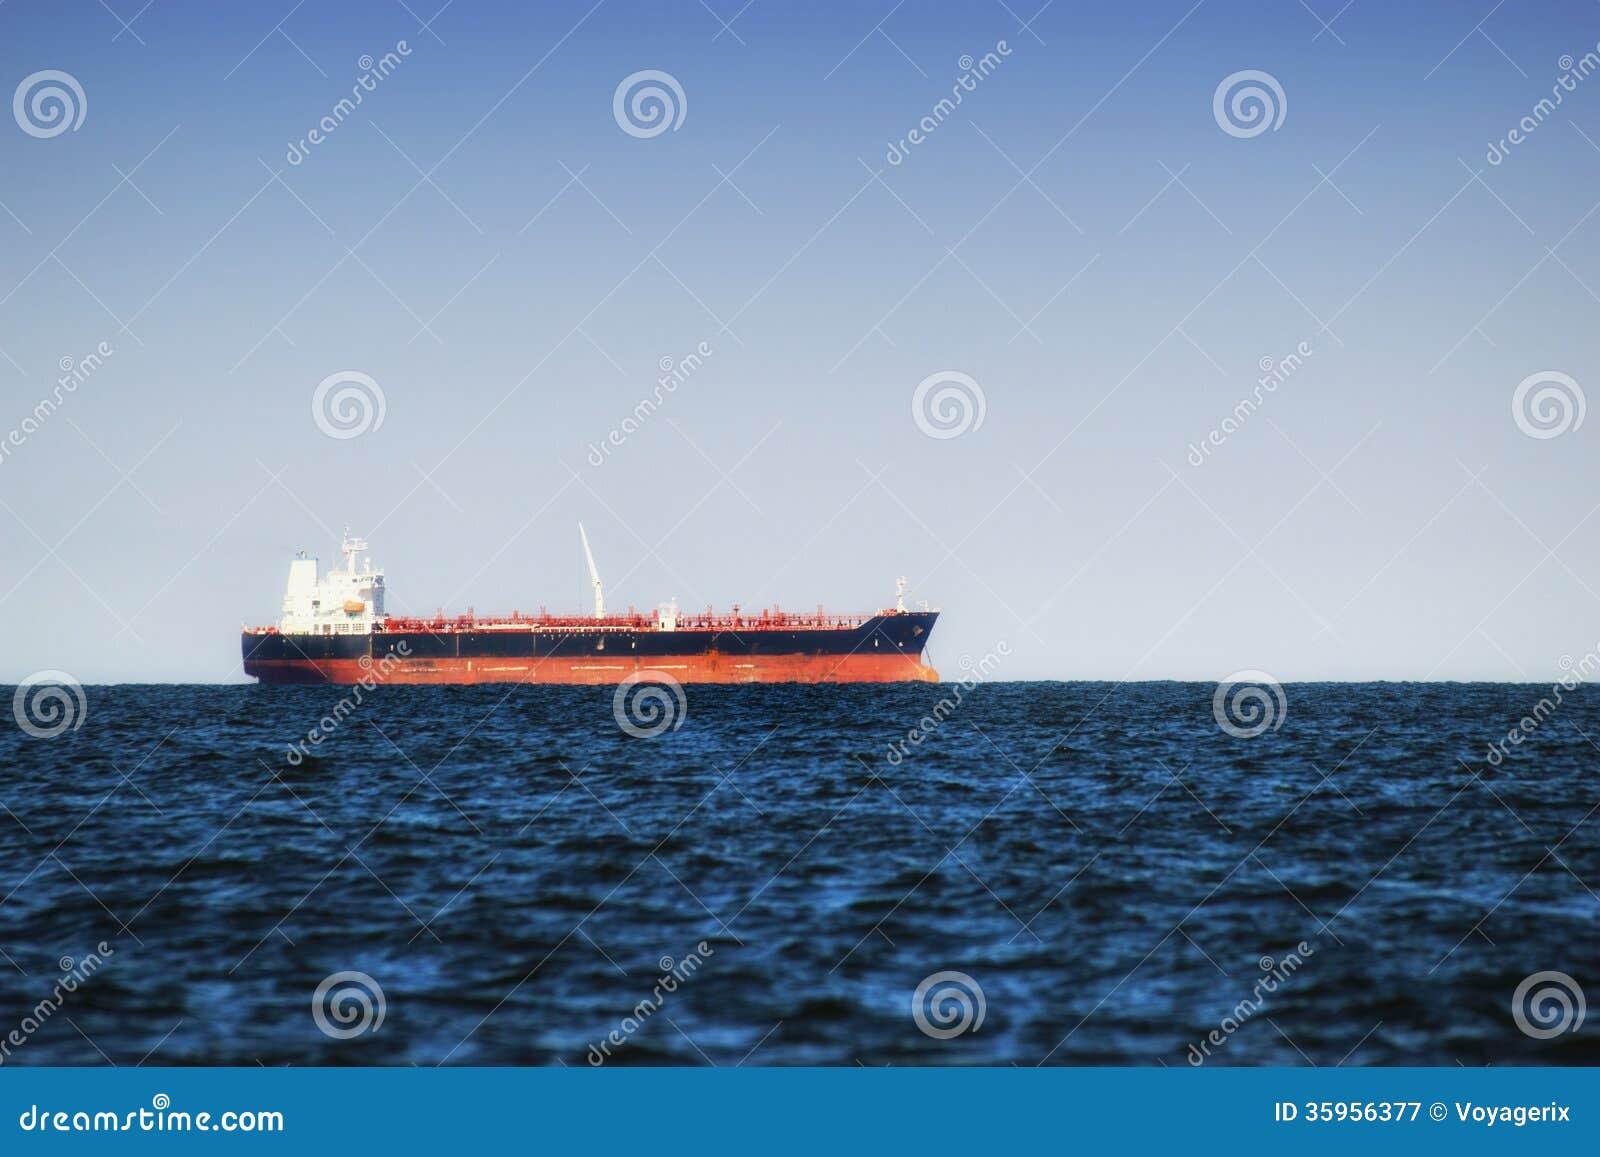 Buque de carga en agua inmóvil cerca del puerto de Gdansk, Polonia.